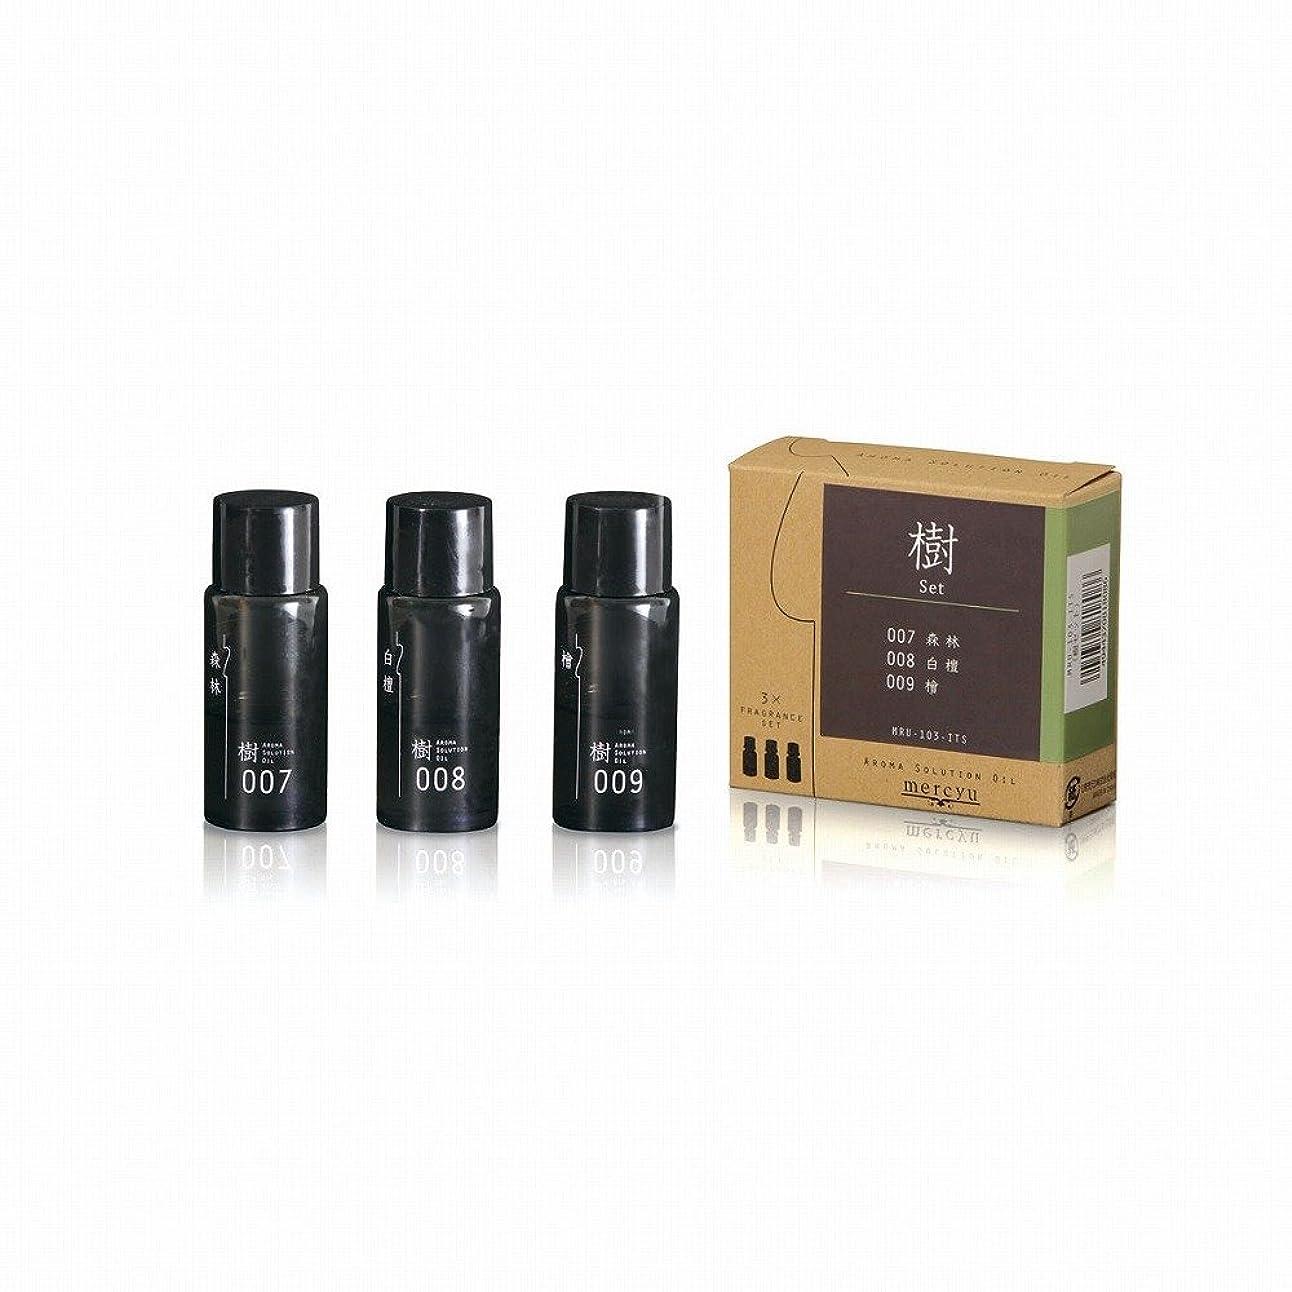 アセティームすなわちmercyu(メルシーユー) アロマソリューションオイル 和の香り MRU-103 (樹)